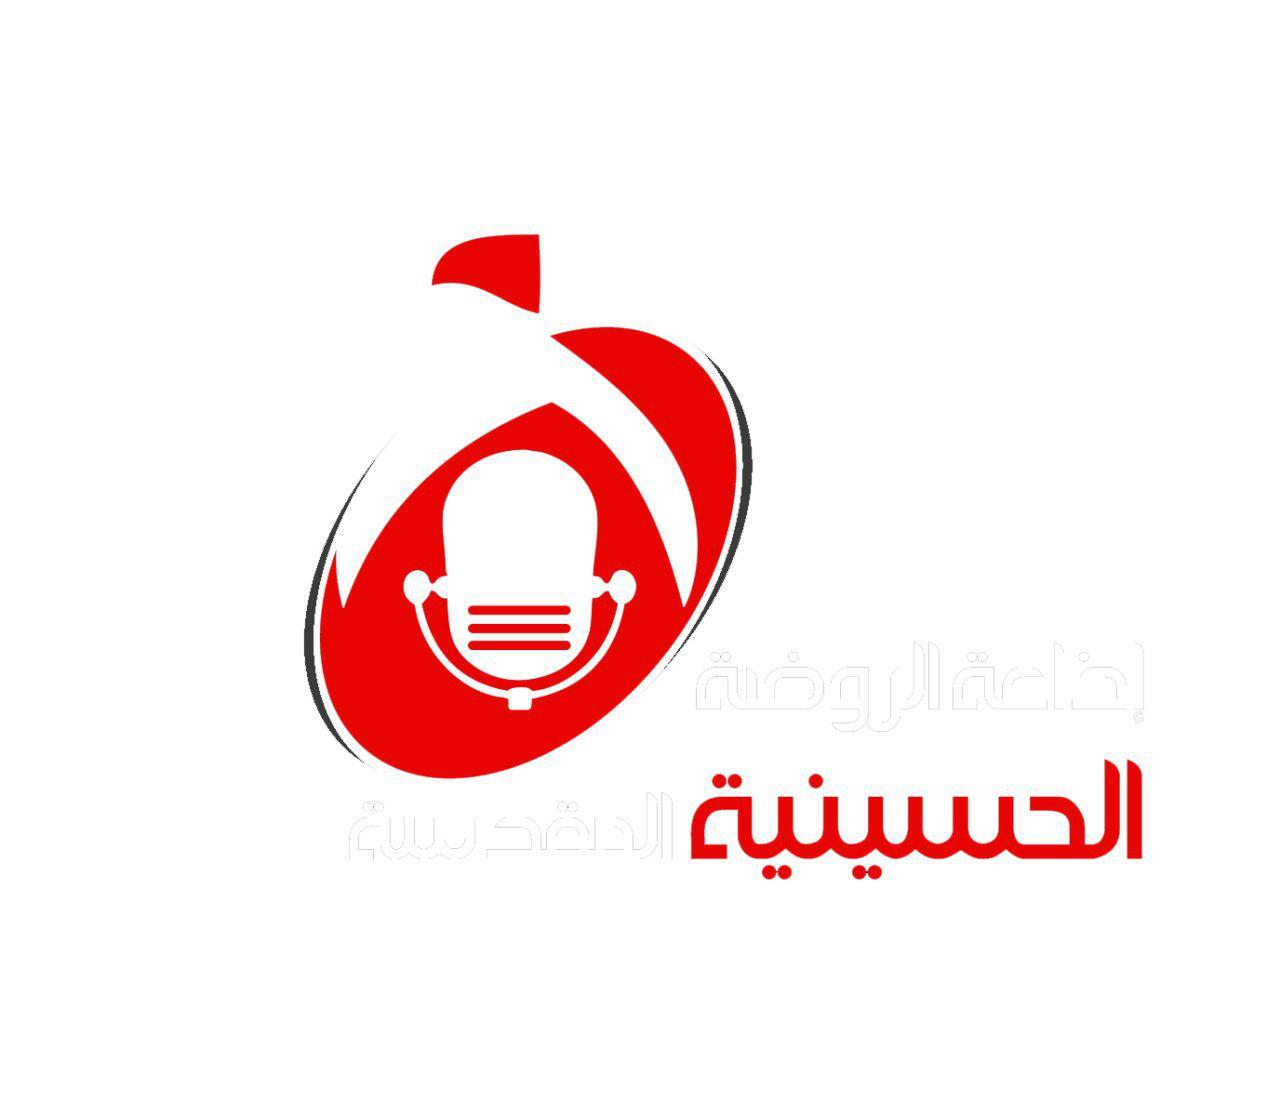 http://imamhussain-fm.com/img/photo_2018-09-18_12-02-56.jpg